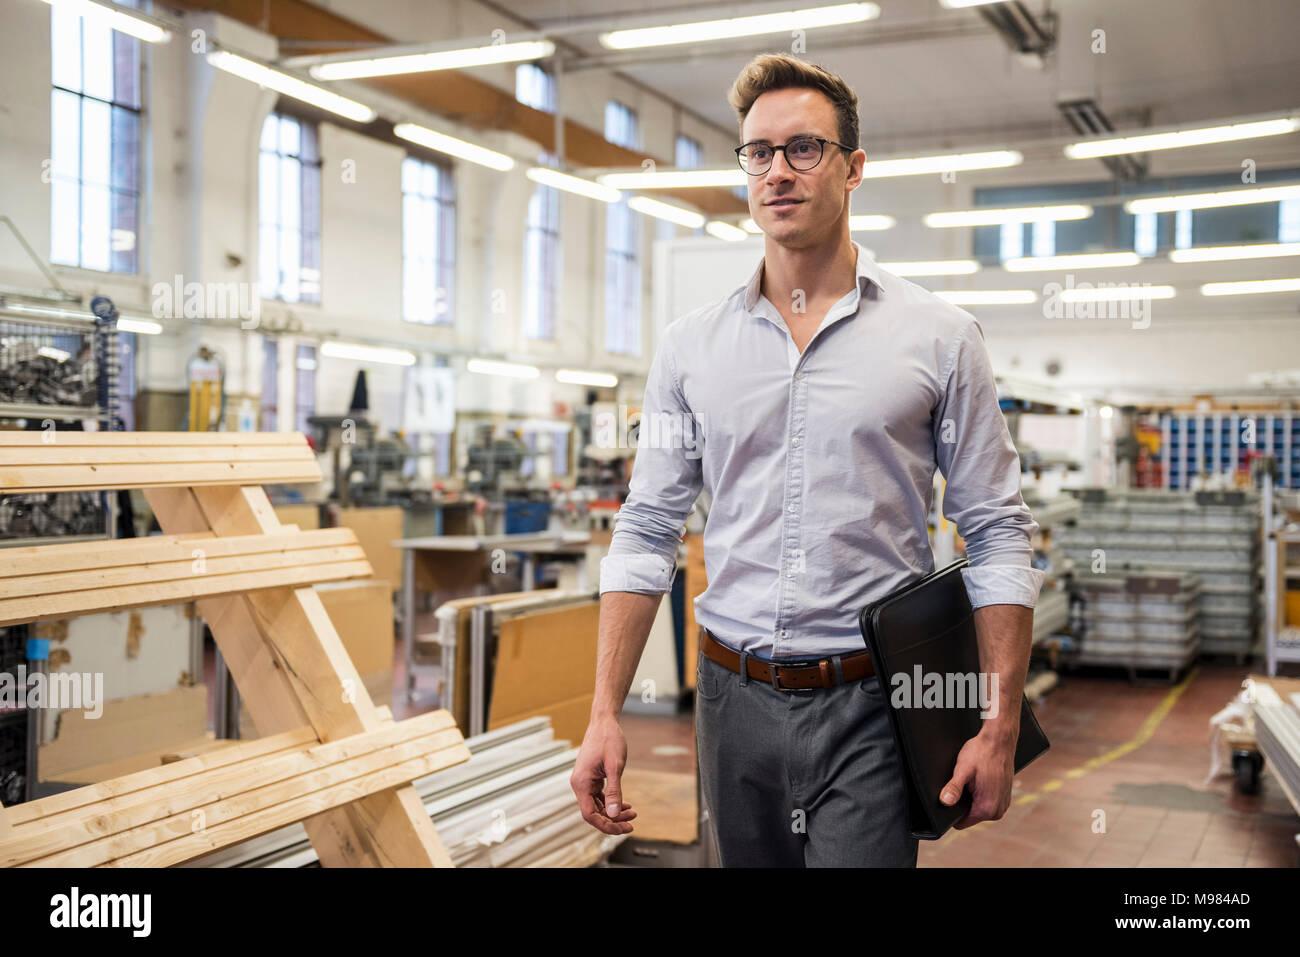 Junge Unternehmer gehen in Fabrik Ordner um: Stockbild